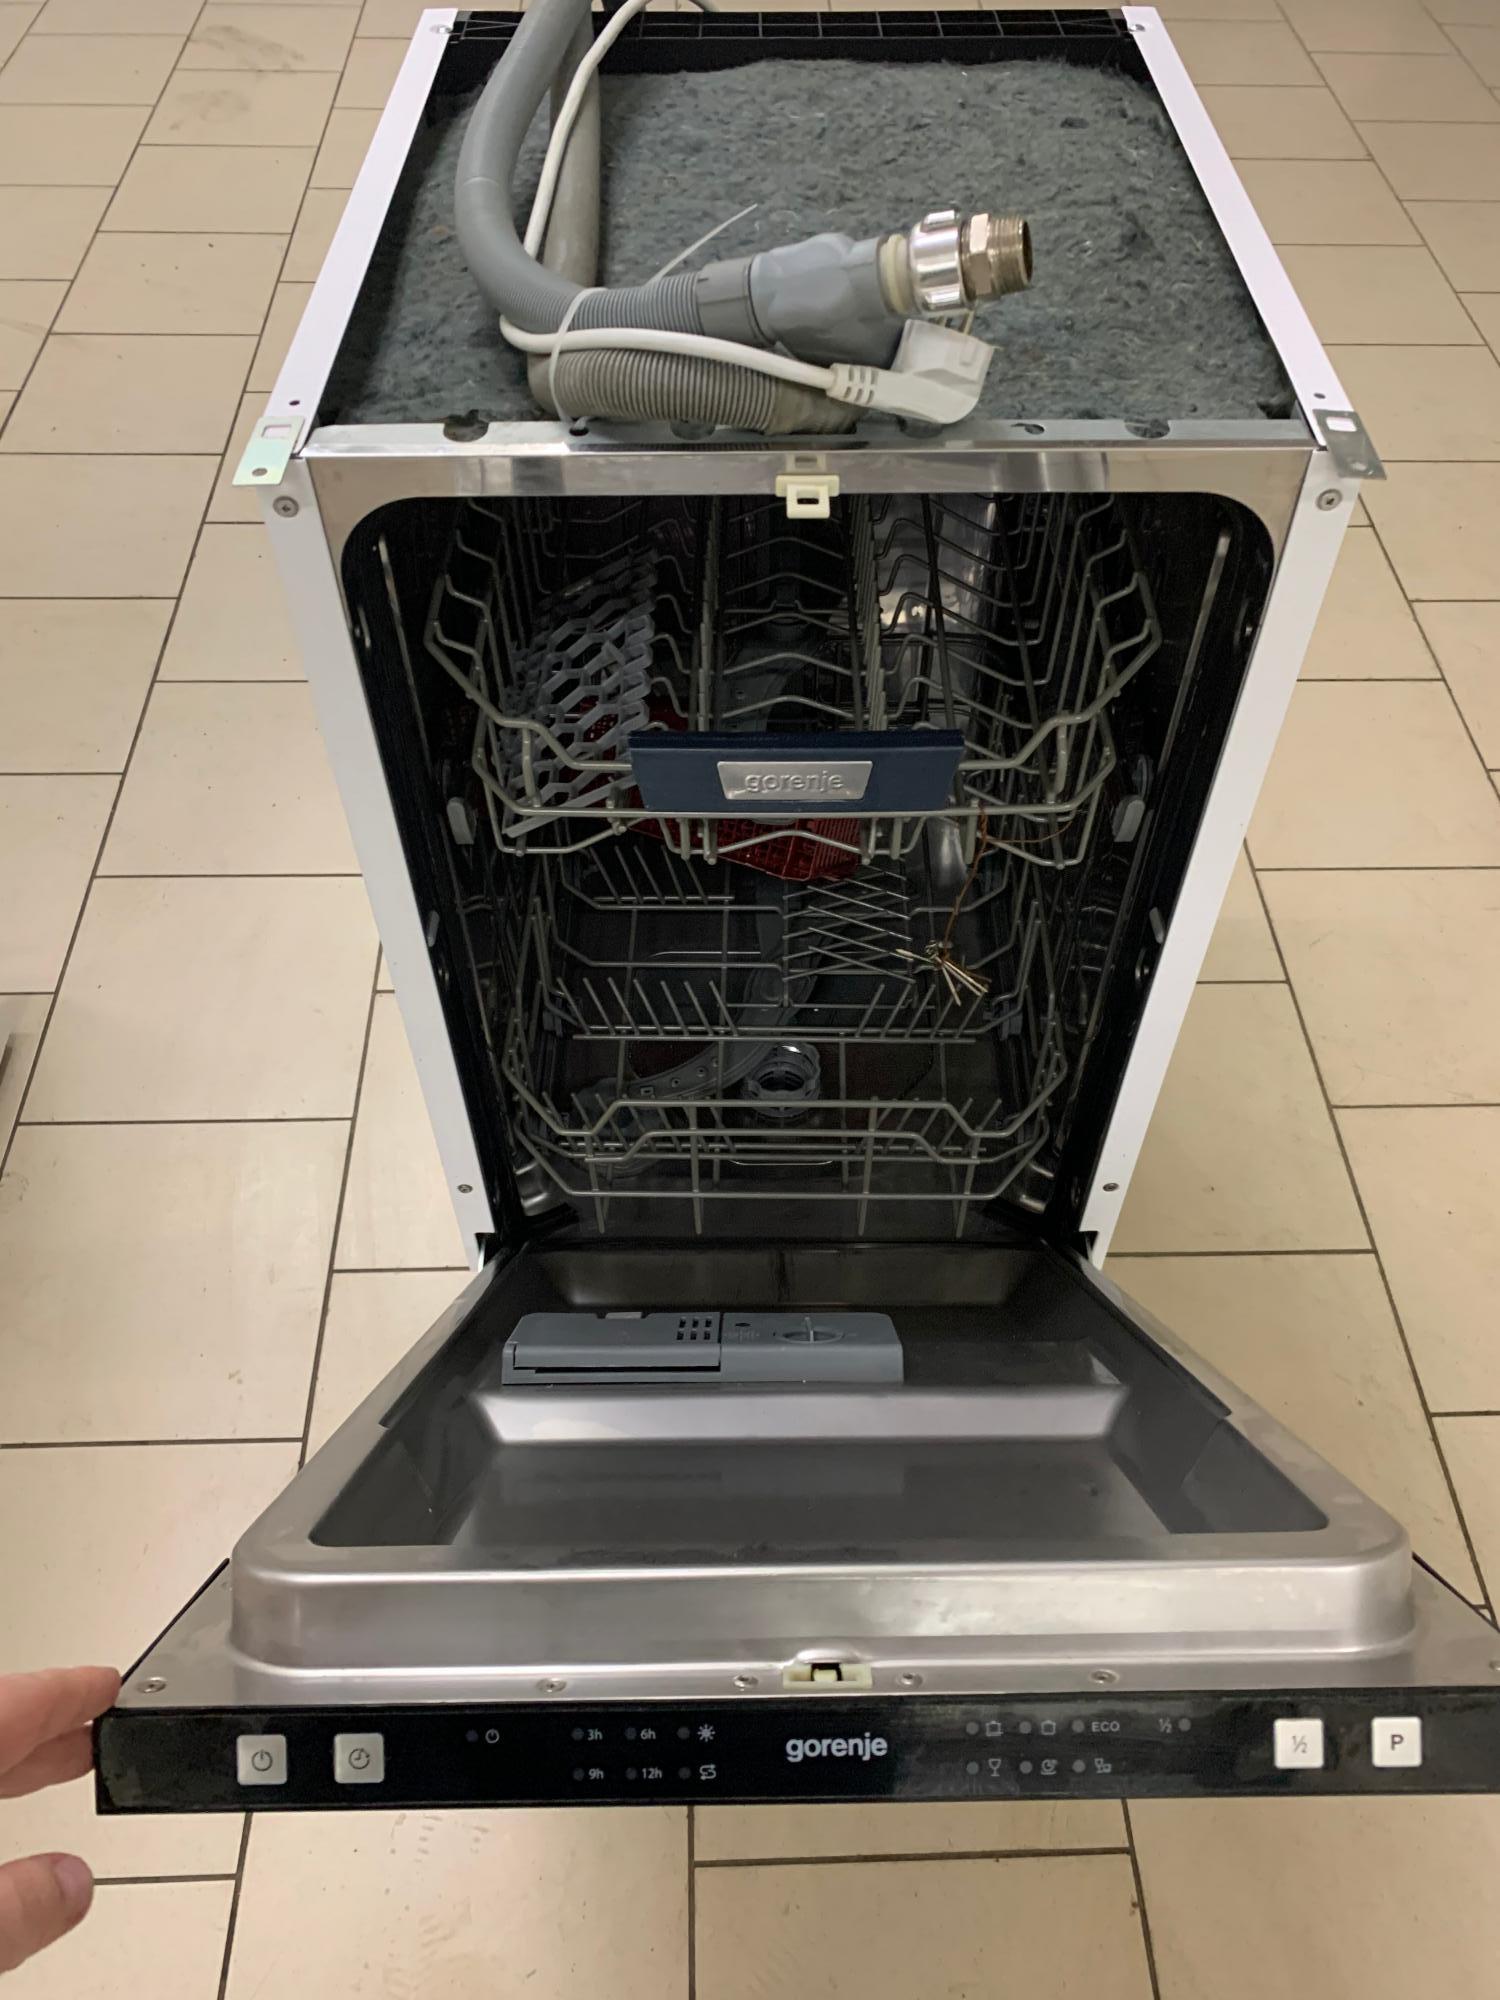 Посудомоечная машина б/у Gorenje GV51211 в Москве 89264600406 купить 2